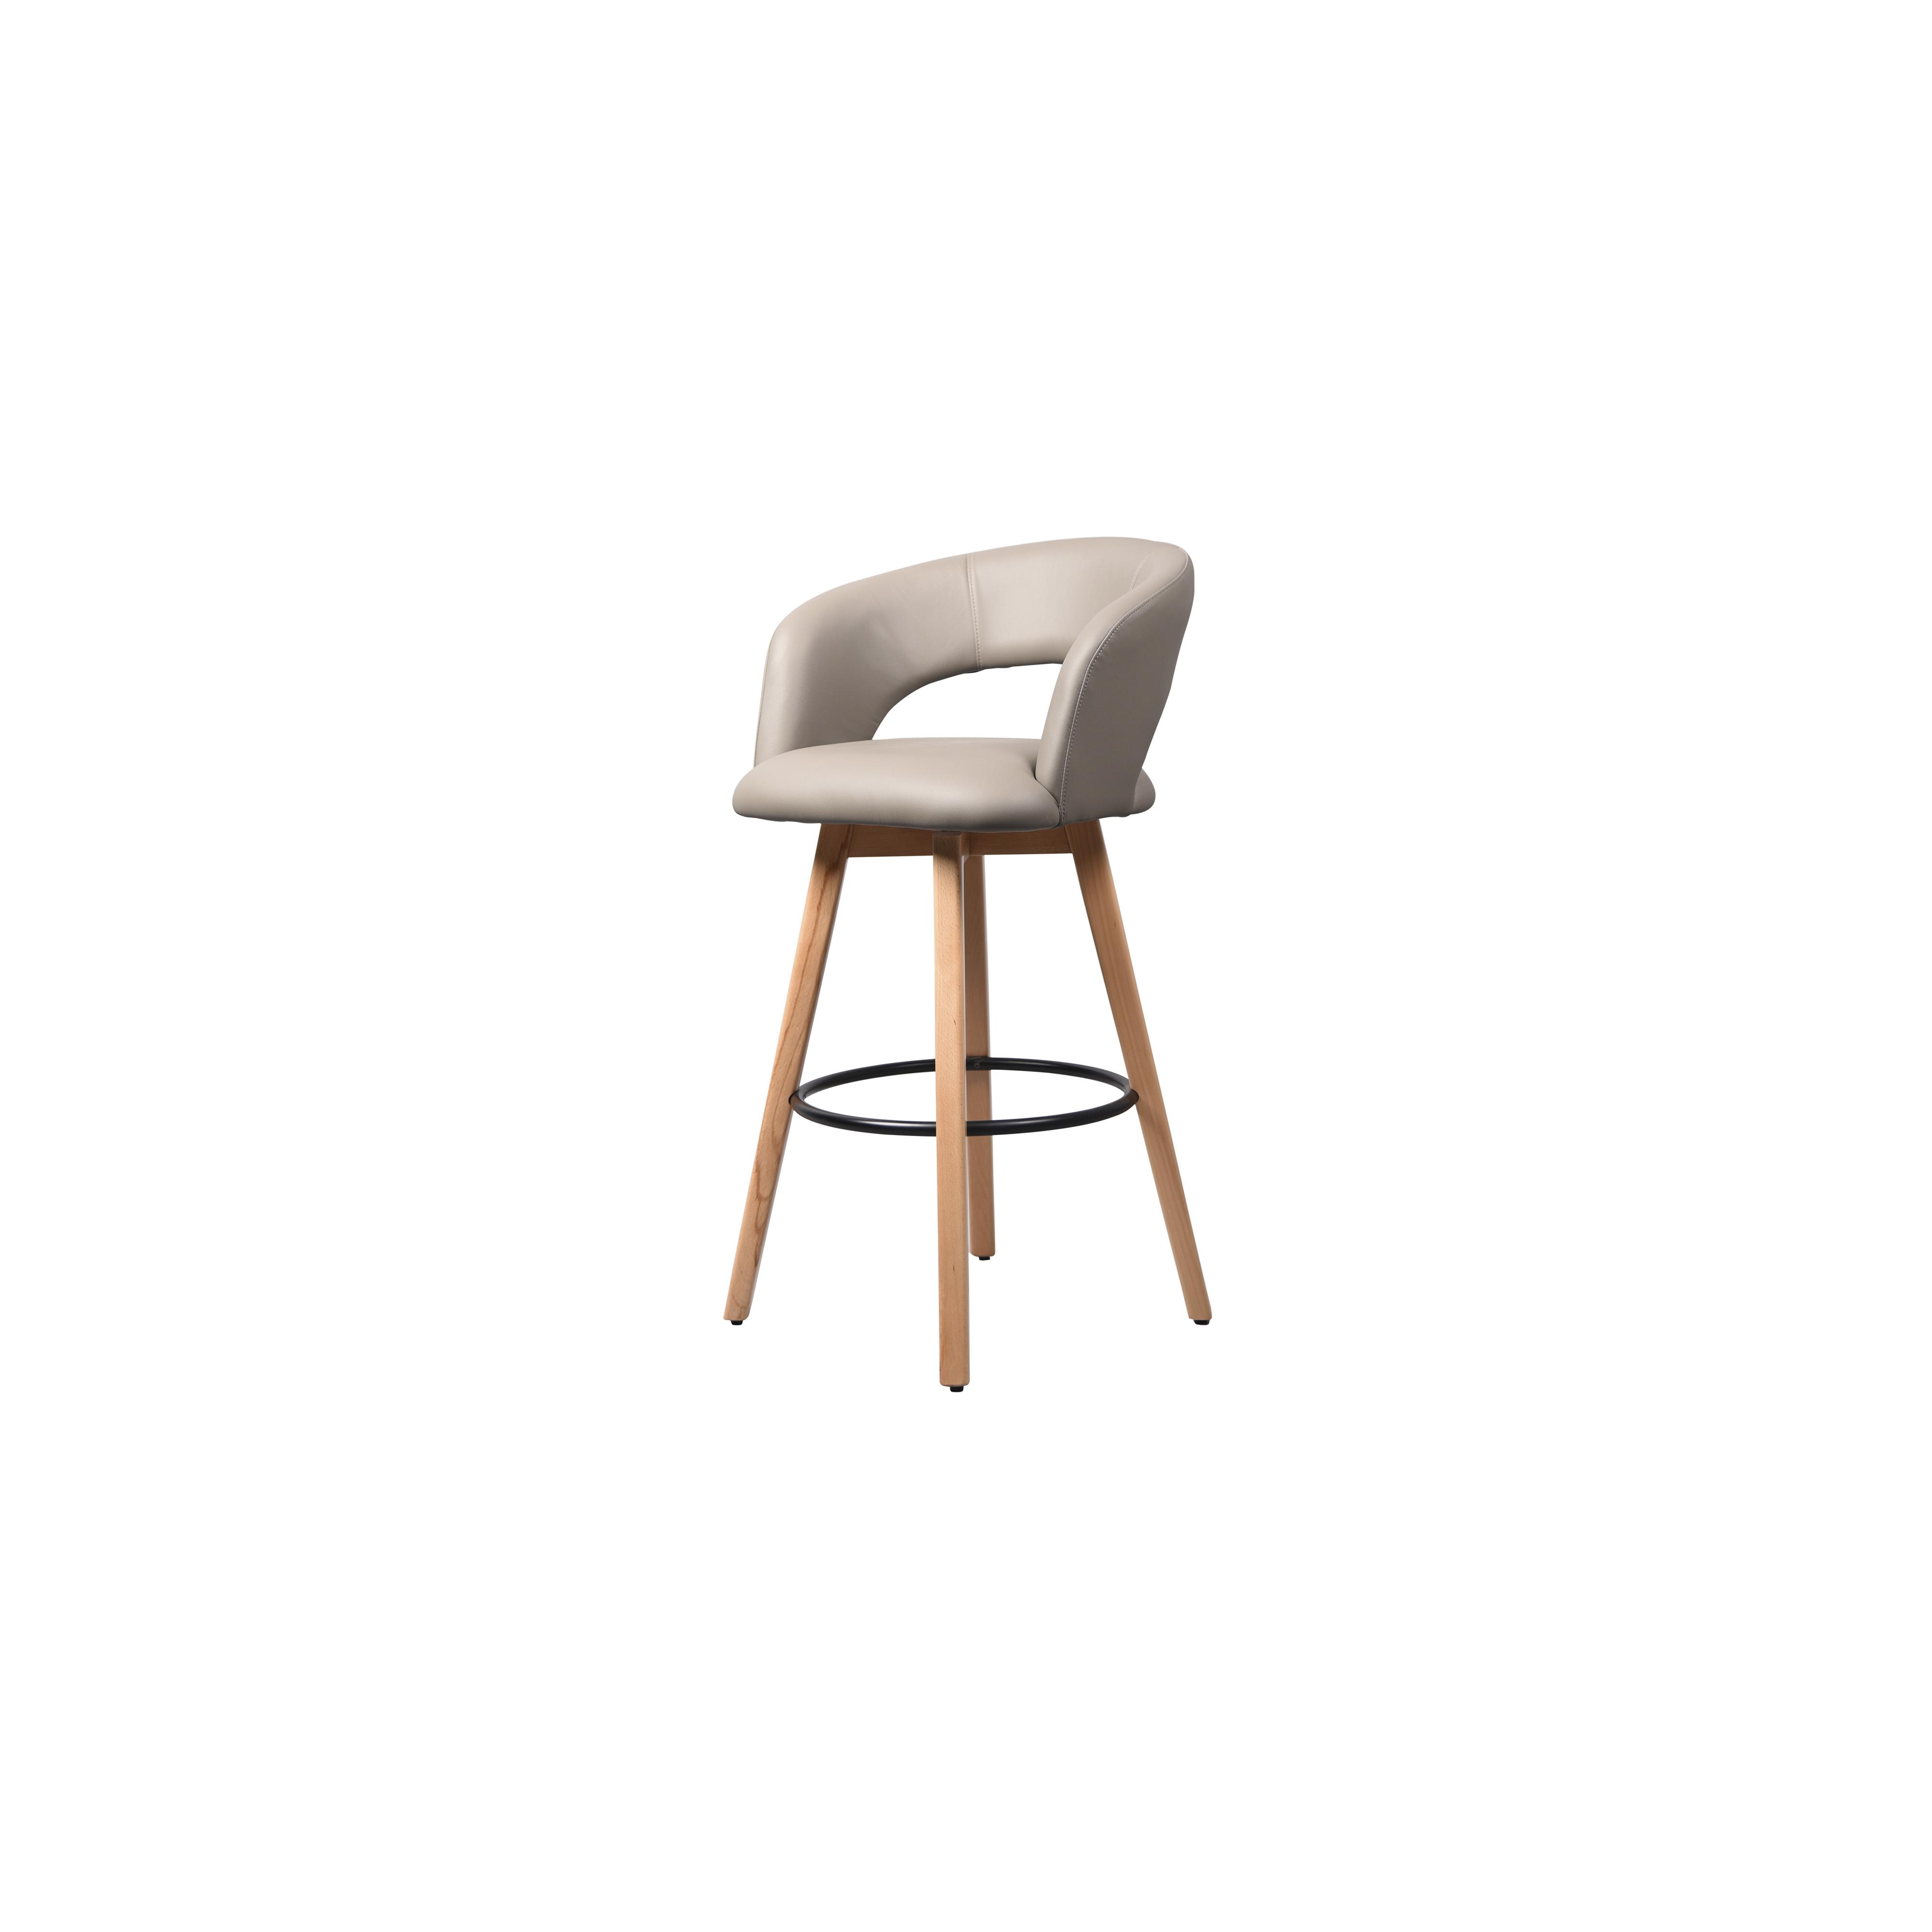 Montel bar chair